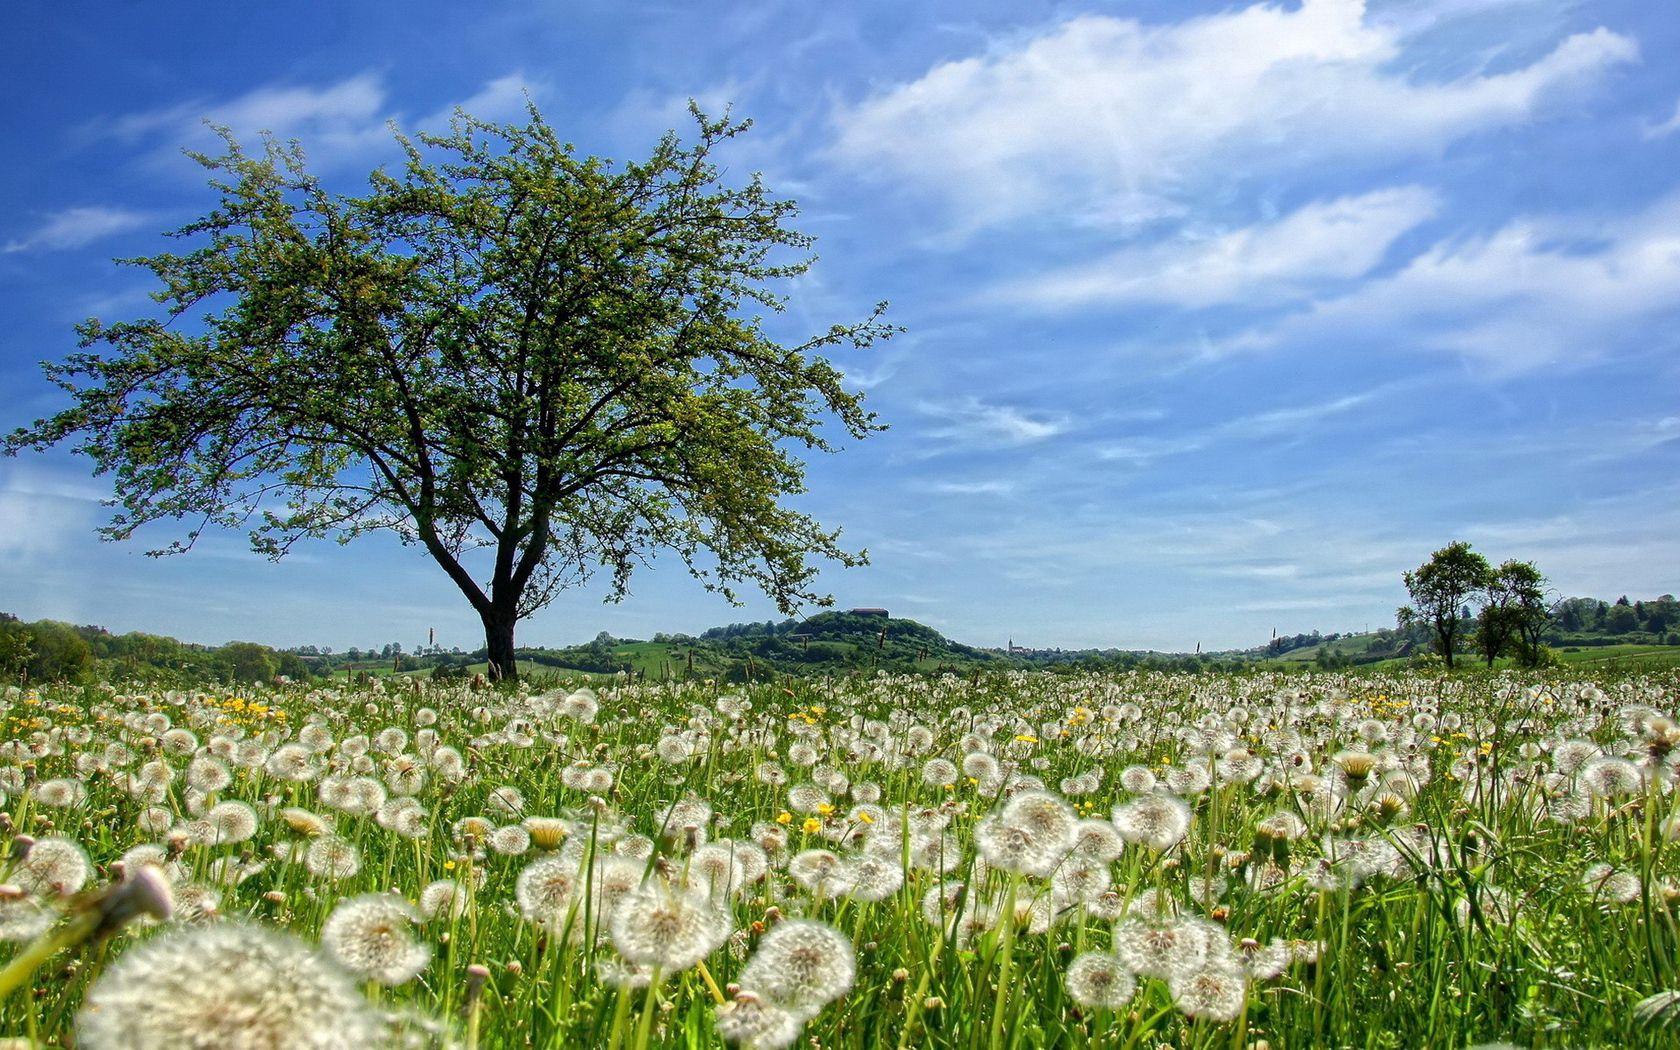 155703 Заставки и Обои Одуванчики на телефон. Скачать Природа, Дерево, Поле, Одуванчики, Лето, Цветы картинки бесплатно